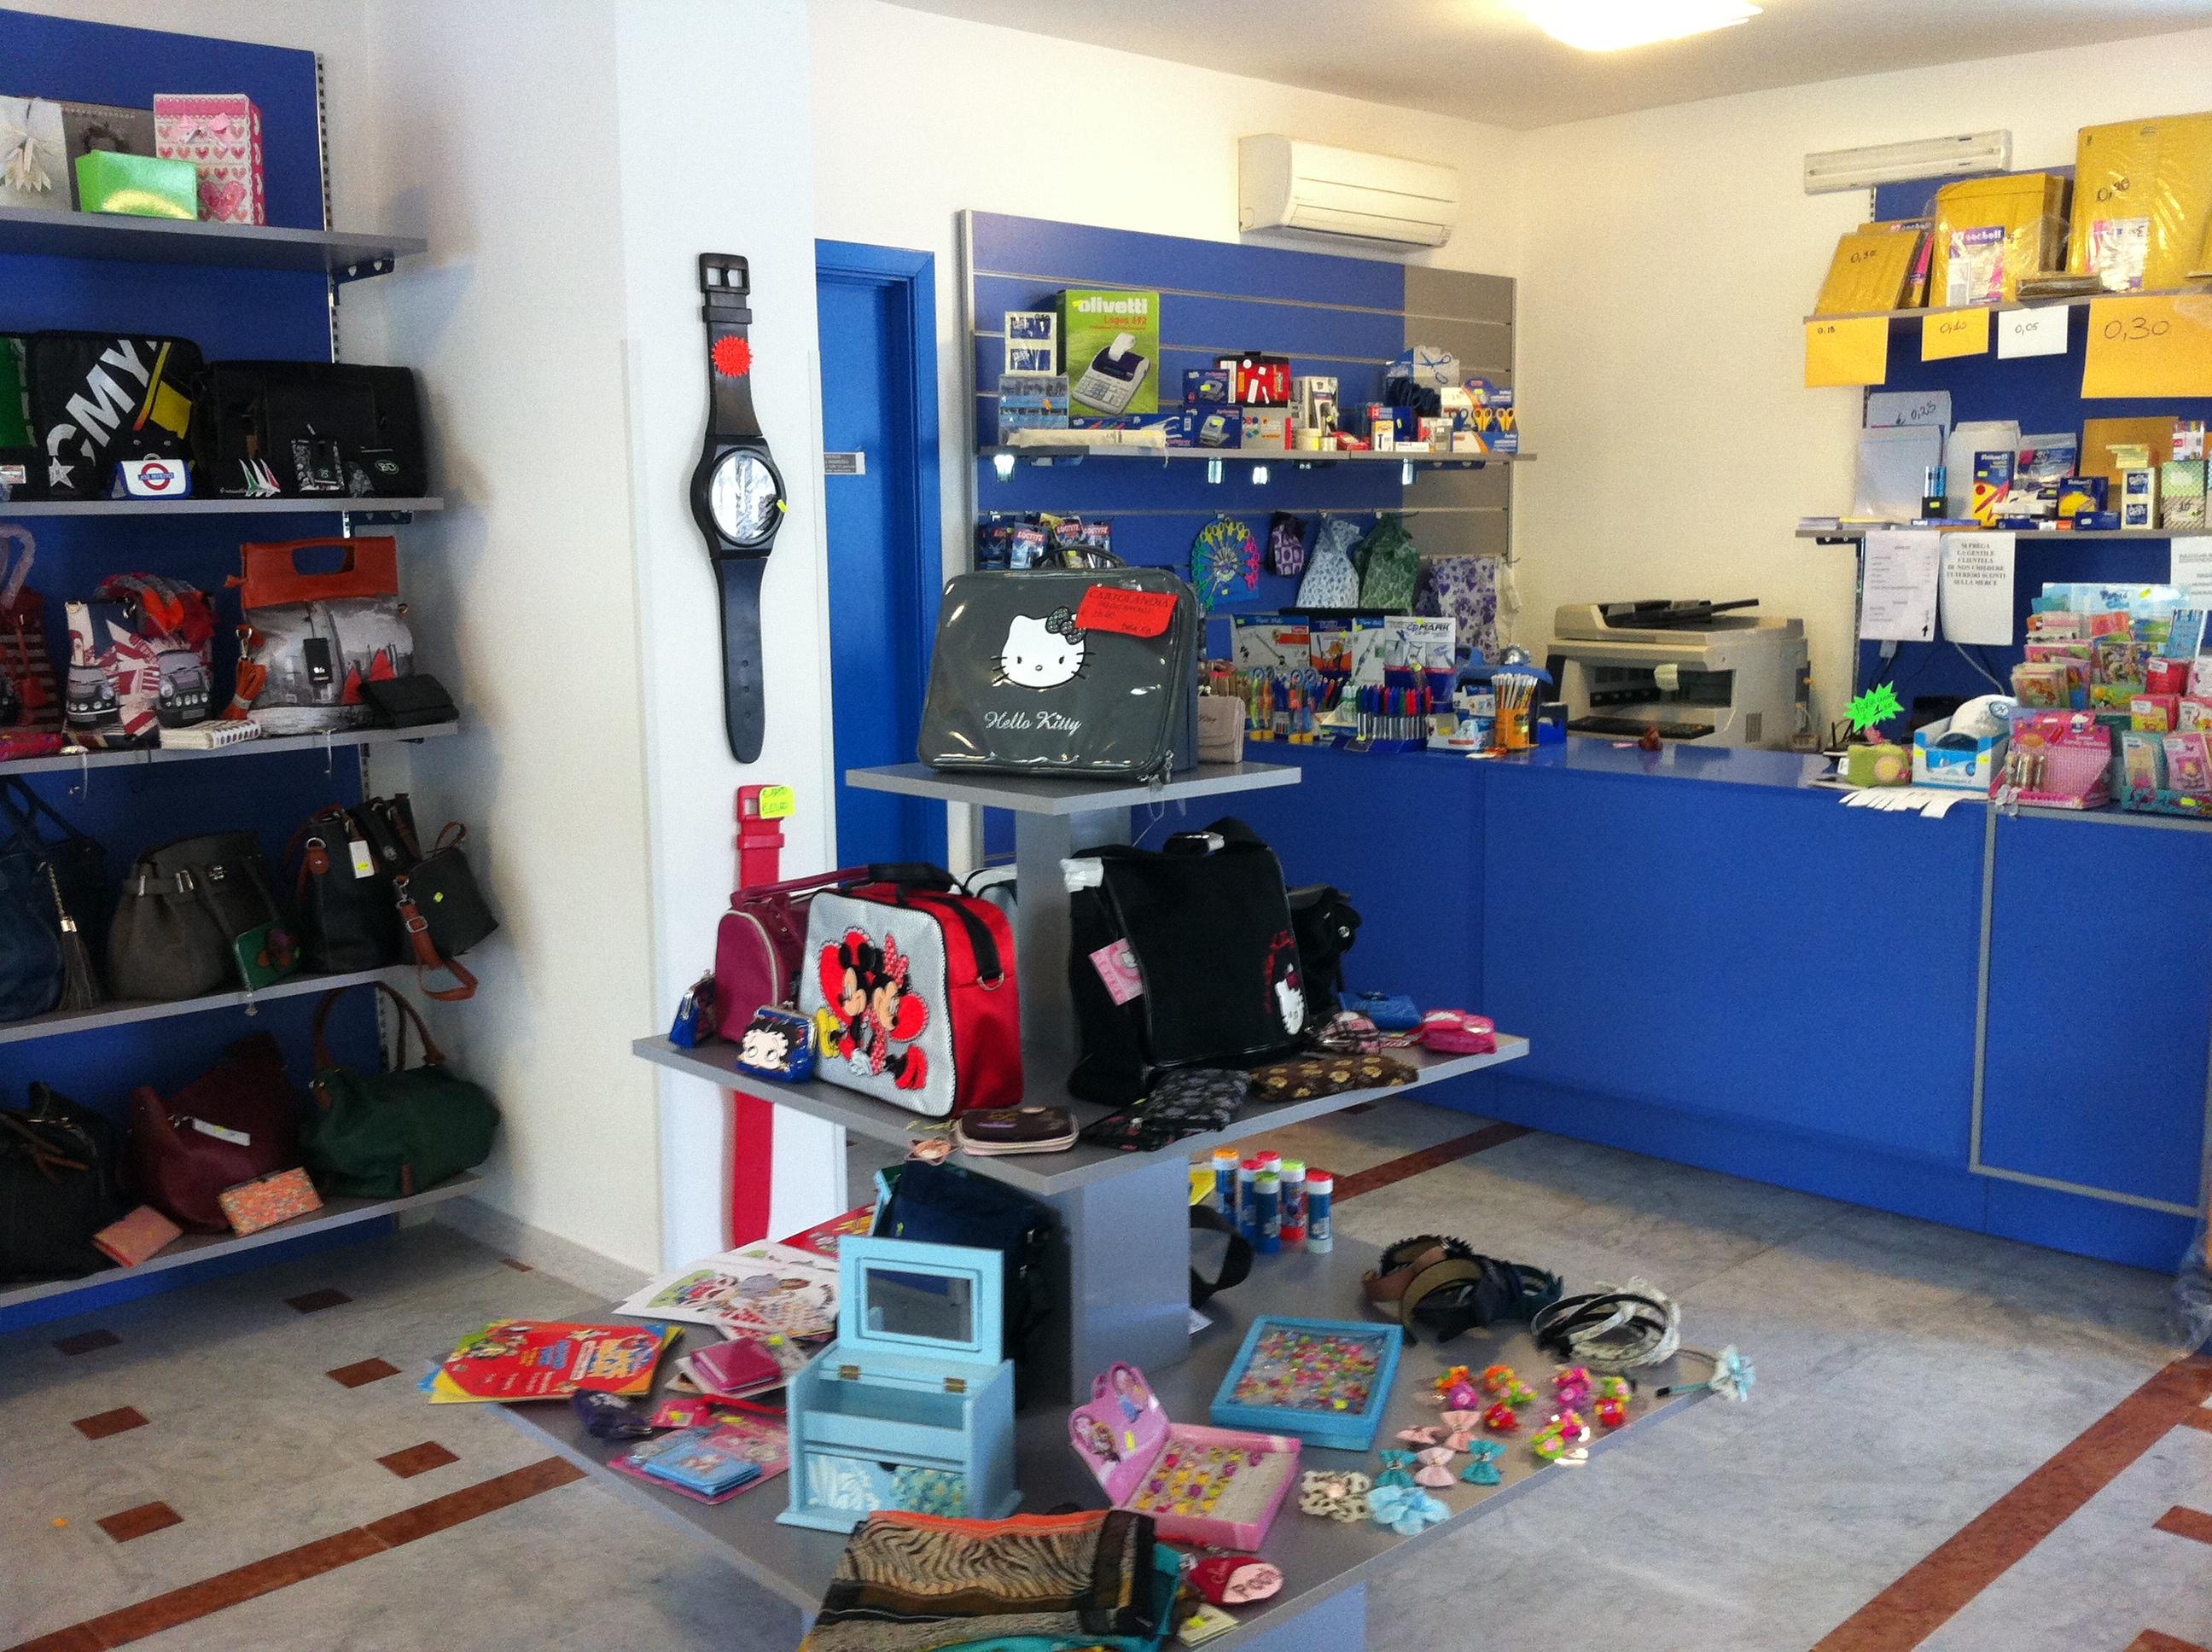 Espositore centrale e banco vendita per cartoleria, arredamento per negozi cancelleria, articoli per